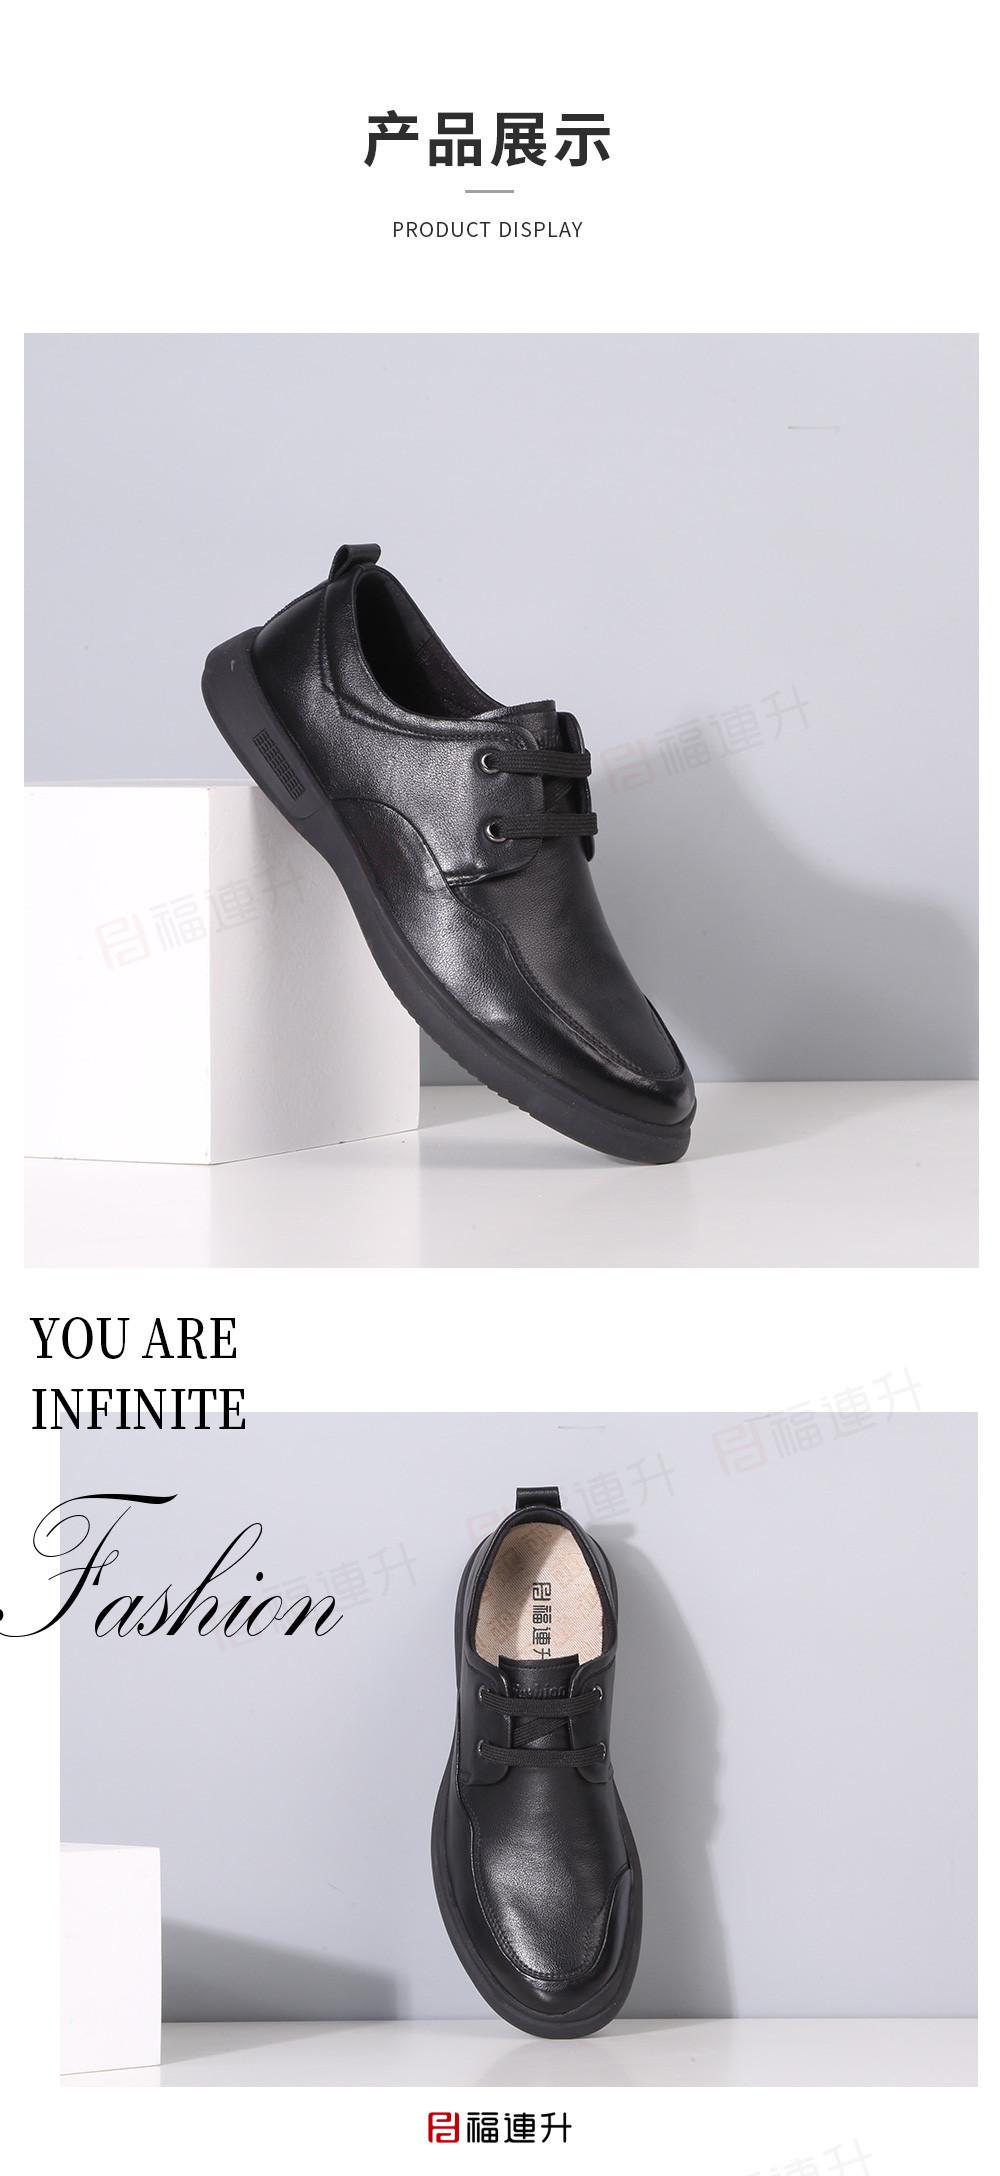 福连升平底商务休闲男鞋工作通勤皮鞋系带舒适单鞋图片